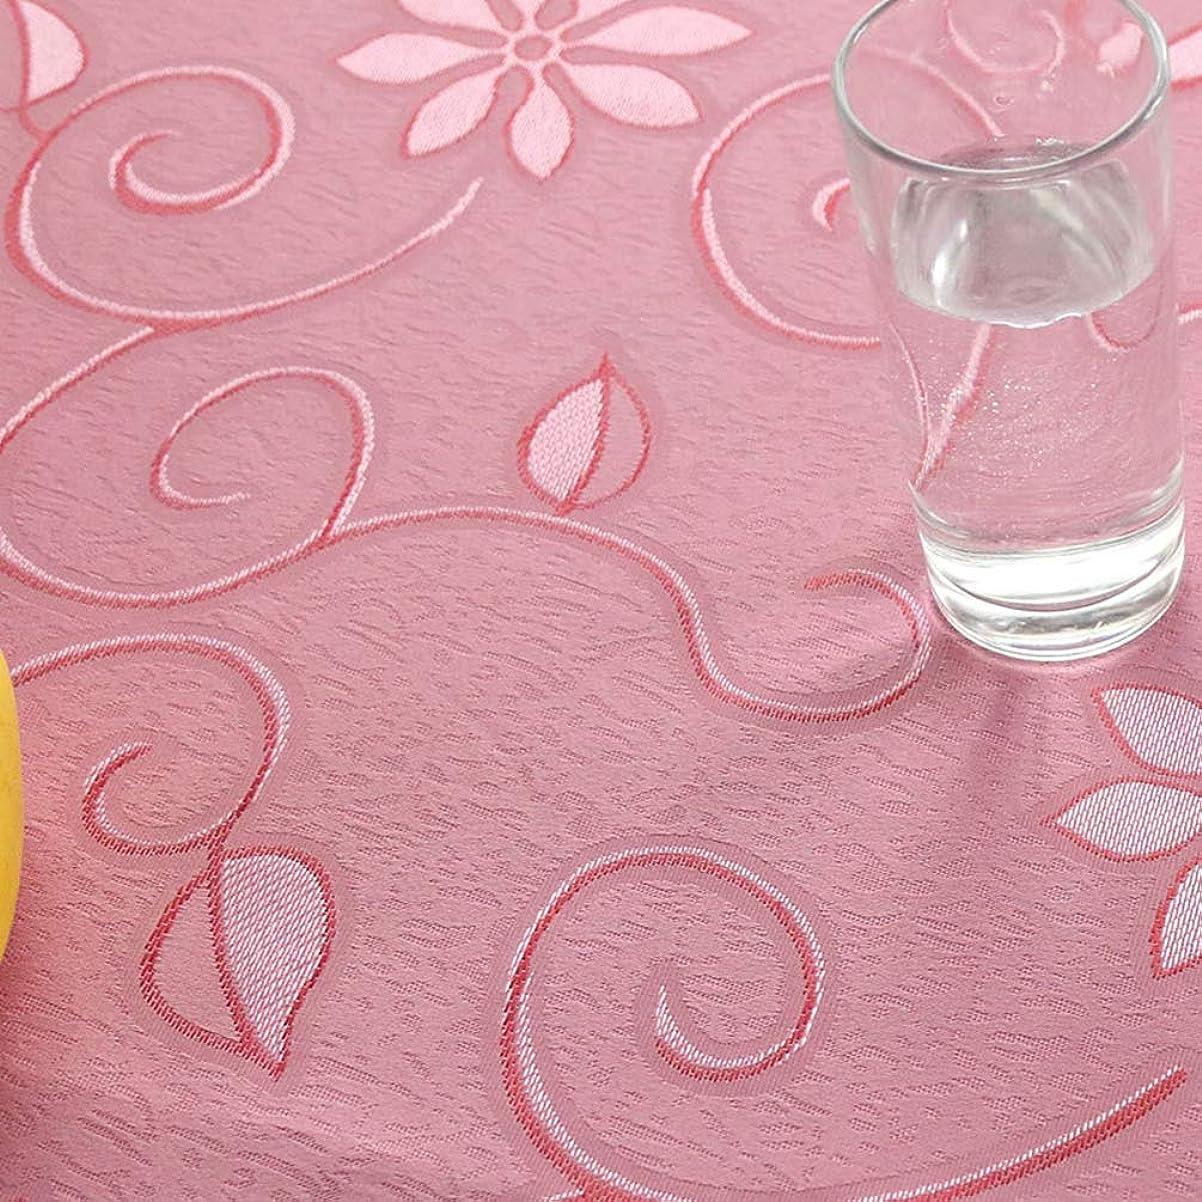 契約した生じる主カタク(KATAKU)おしゃれ テーブルクロス 北欧風 花柄 モダン 食卓カバー 耐熱 防汚 防塵 マルチカバー インテリア 多用途 飾り布 テーブルカバー ピンク 140*220cm